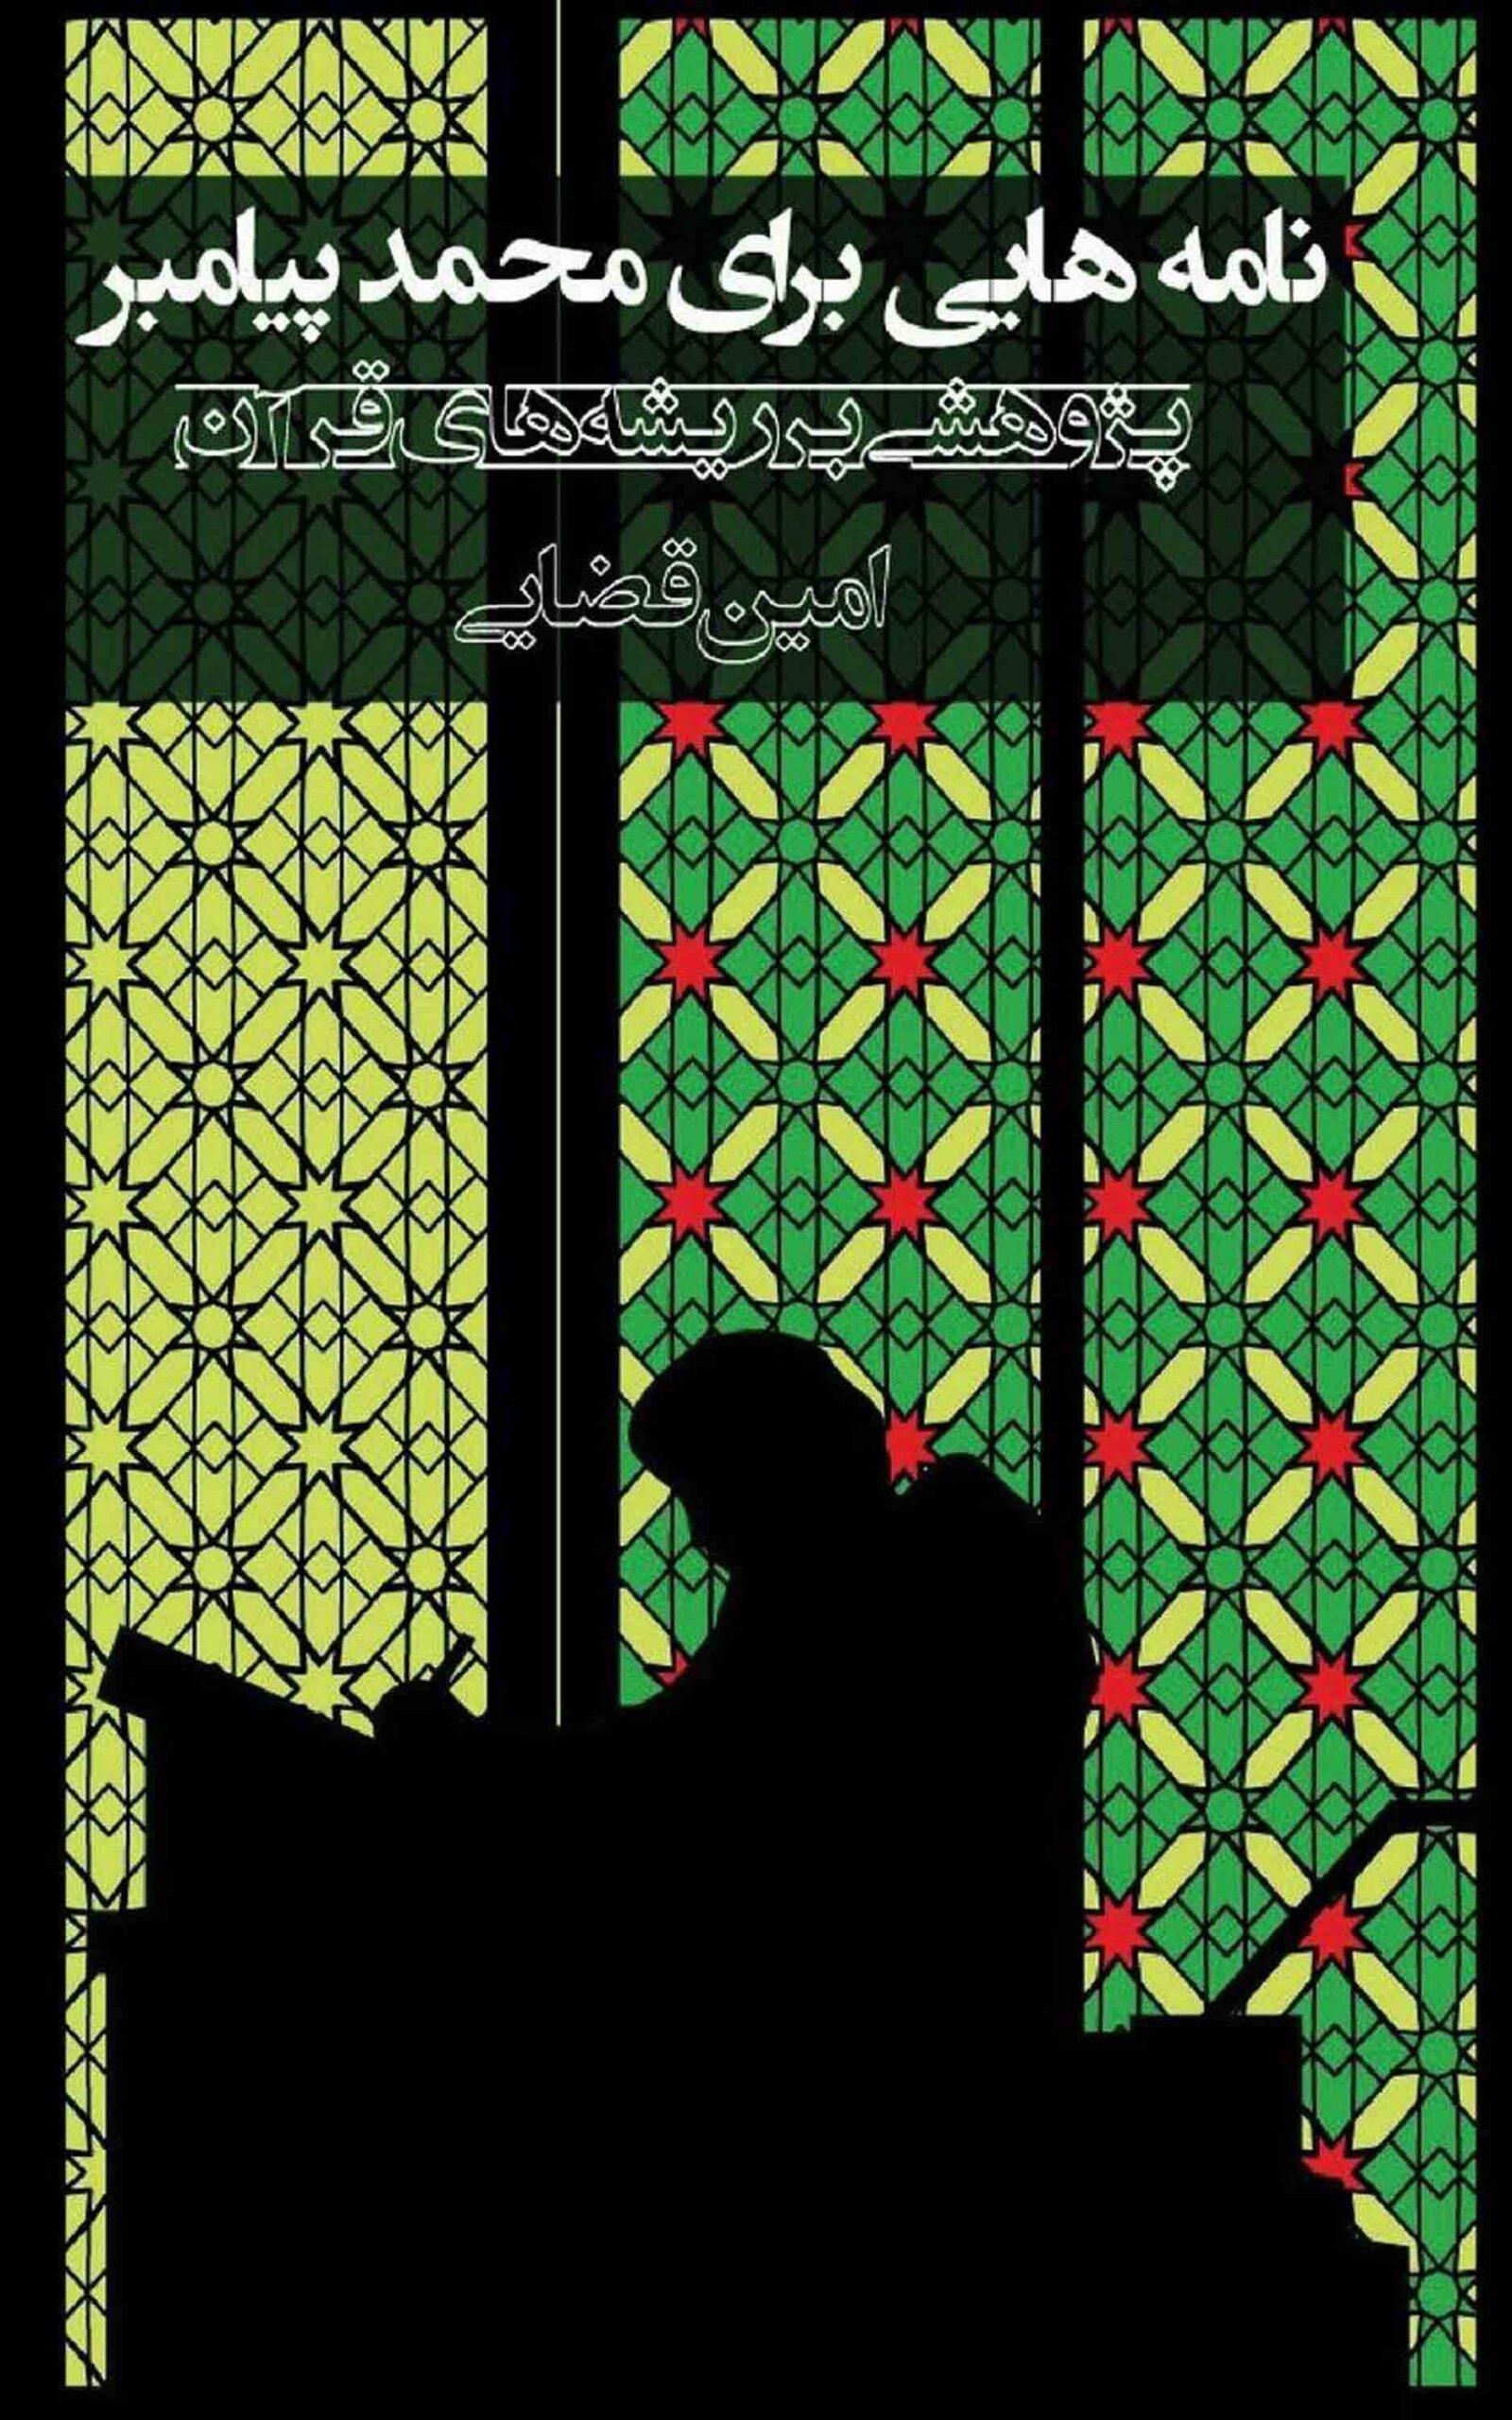 Letters for the Prophete Mohamed